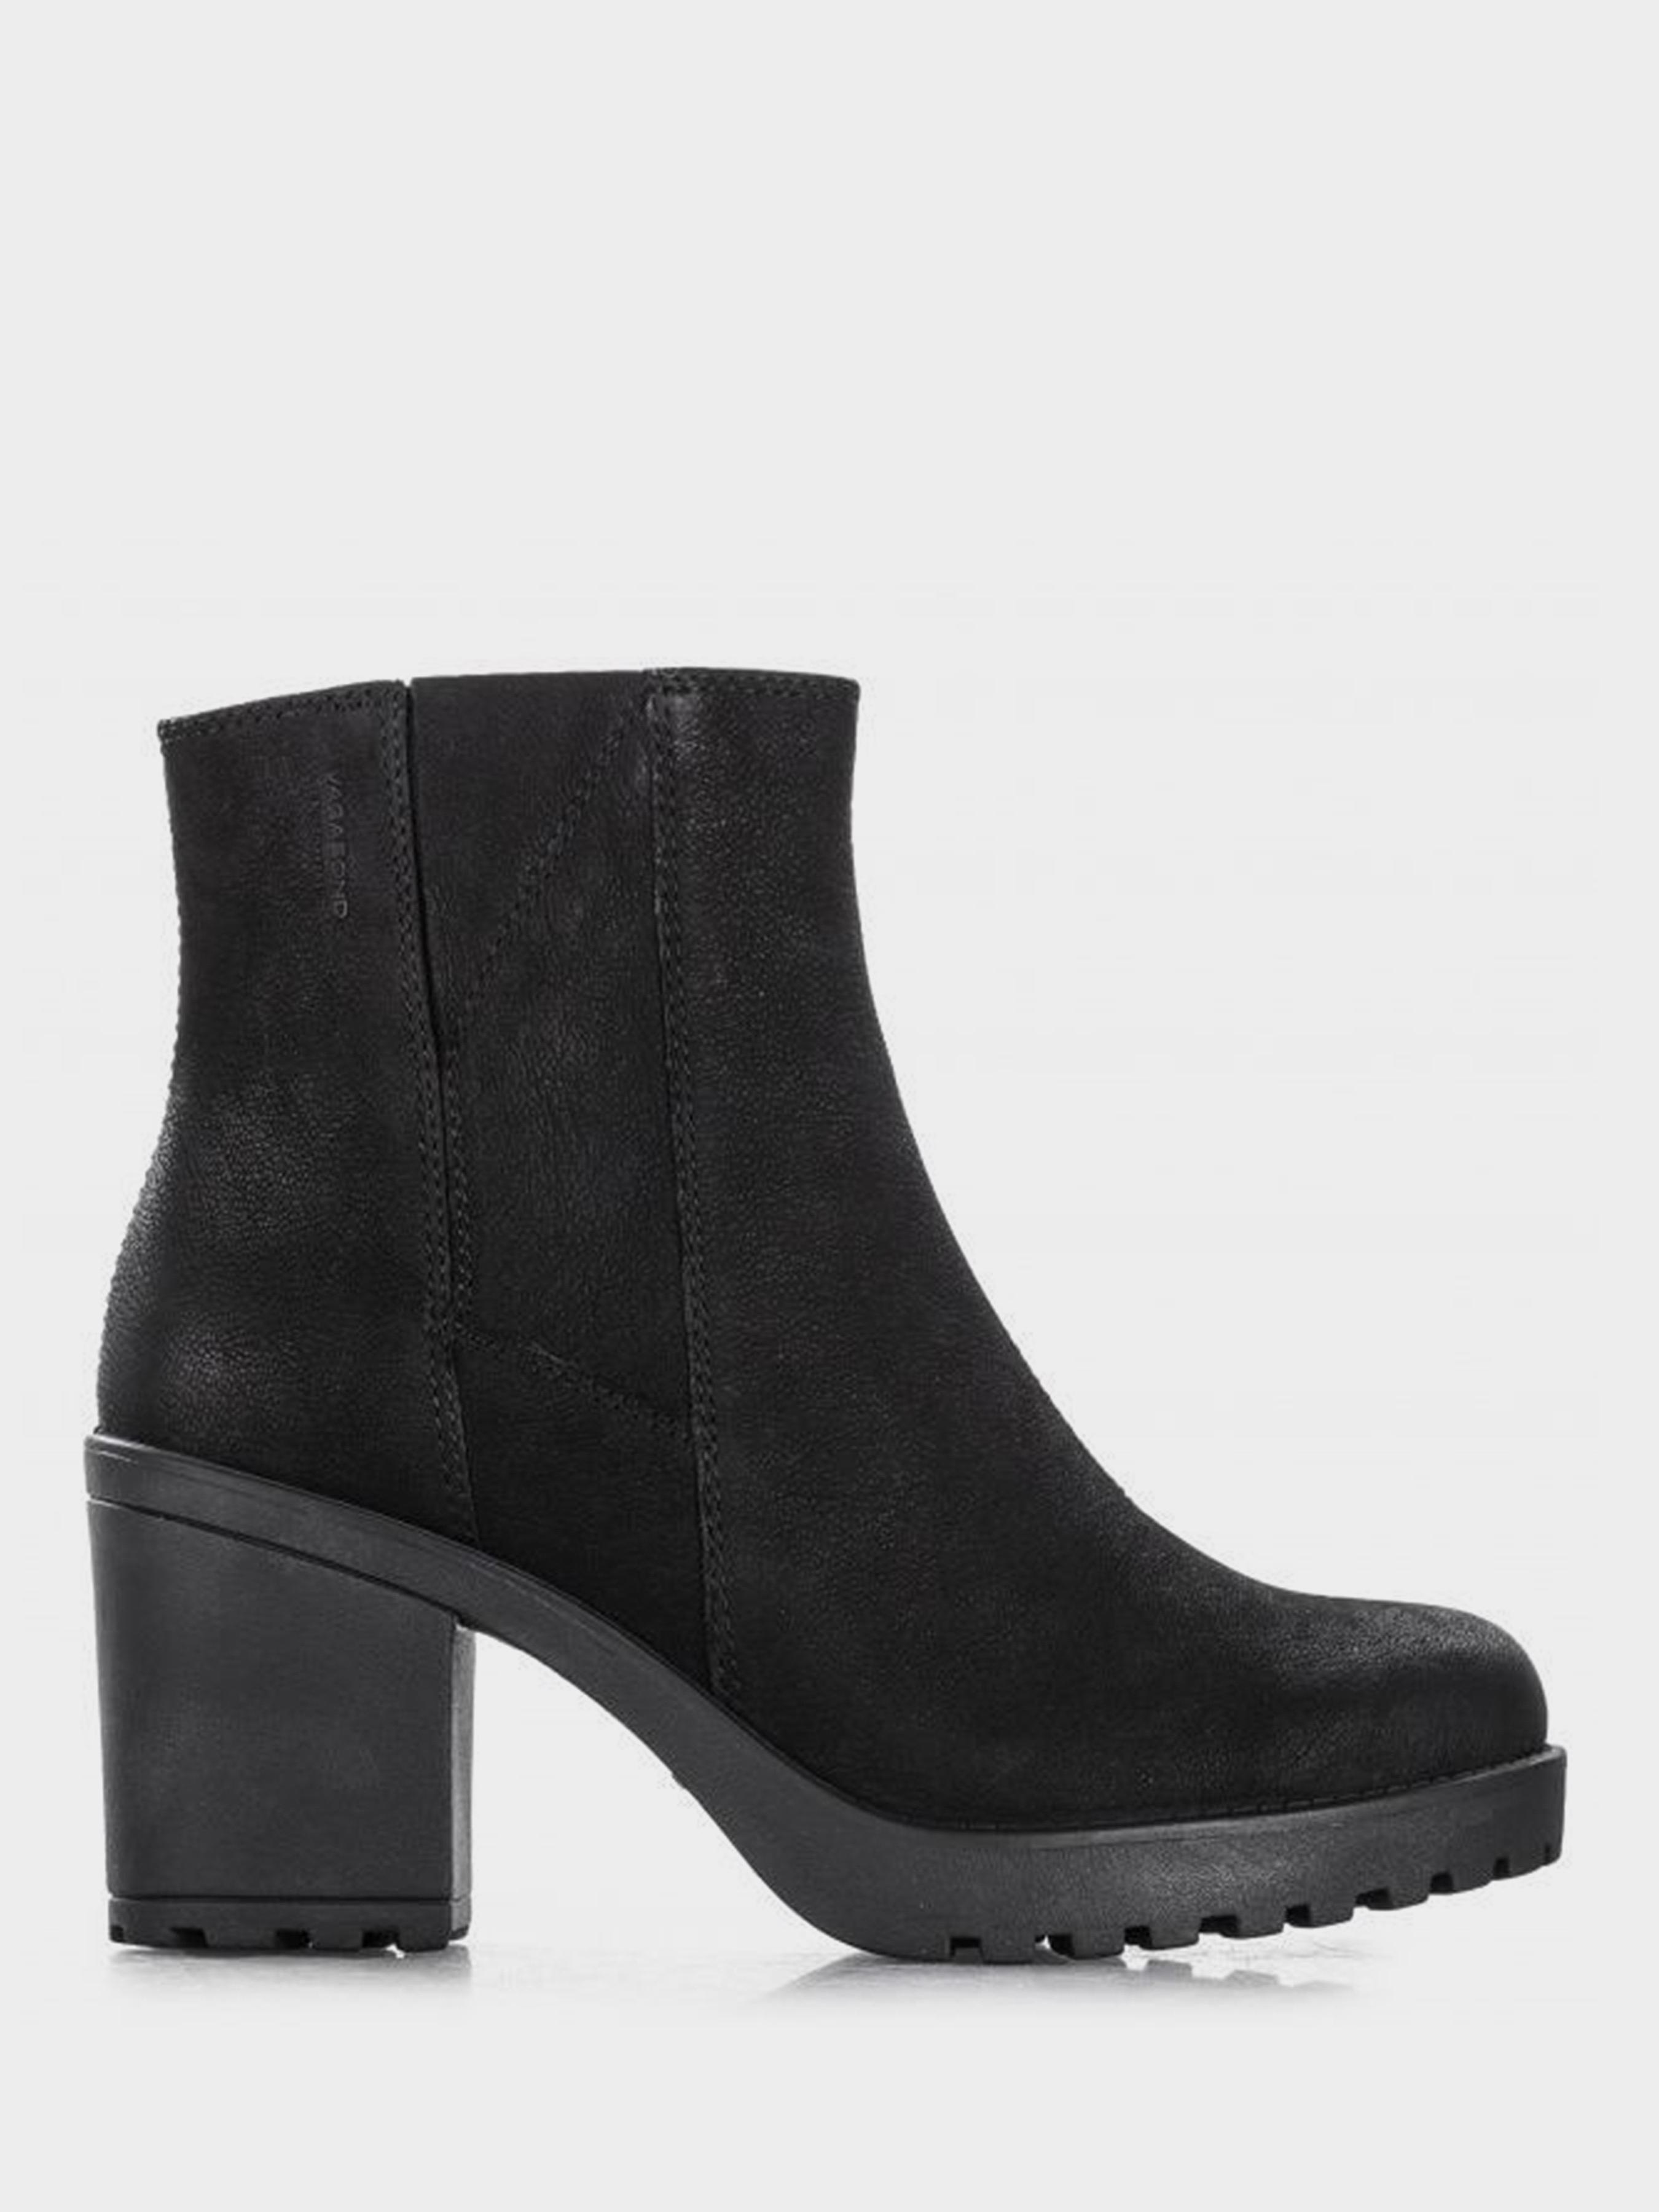 Купить Ботинки женские VAGABOND GRACE VW5387, Черный